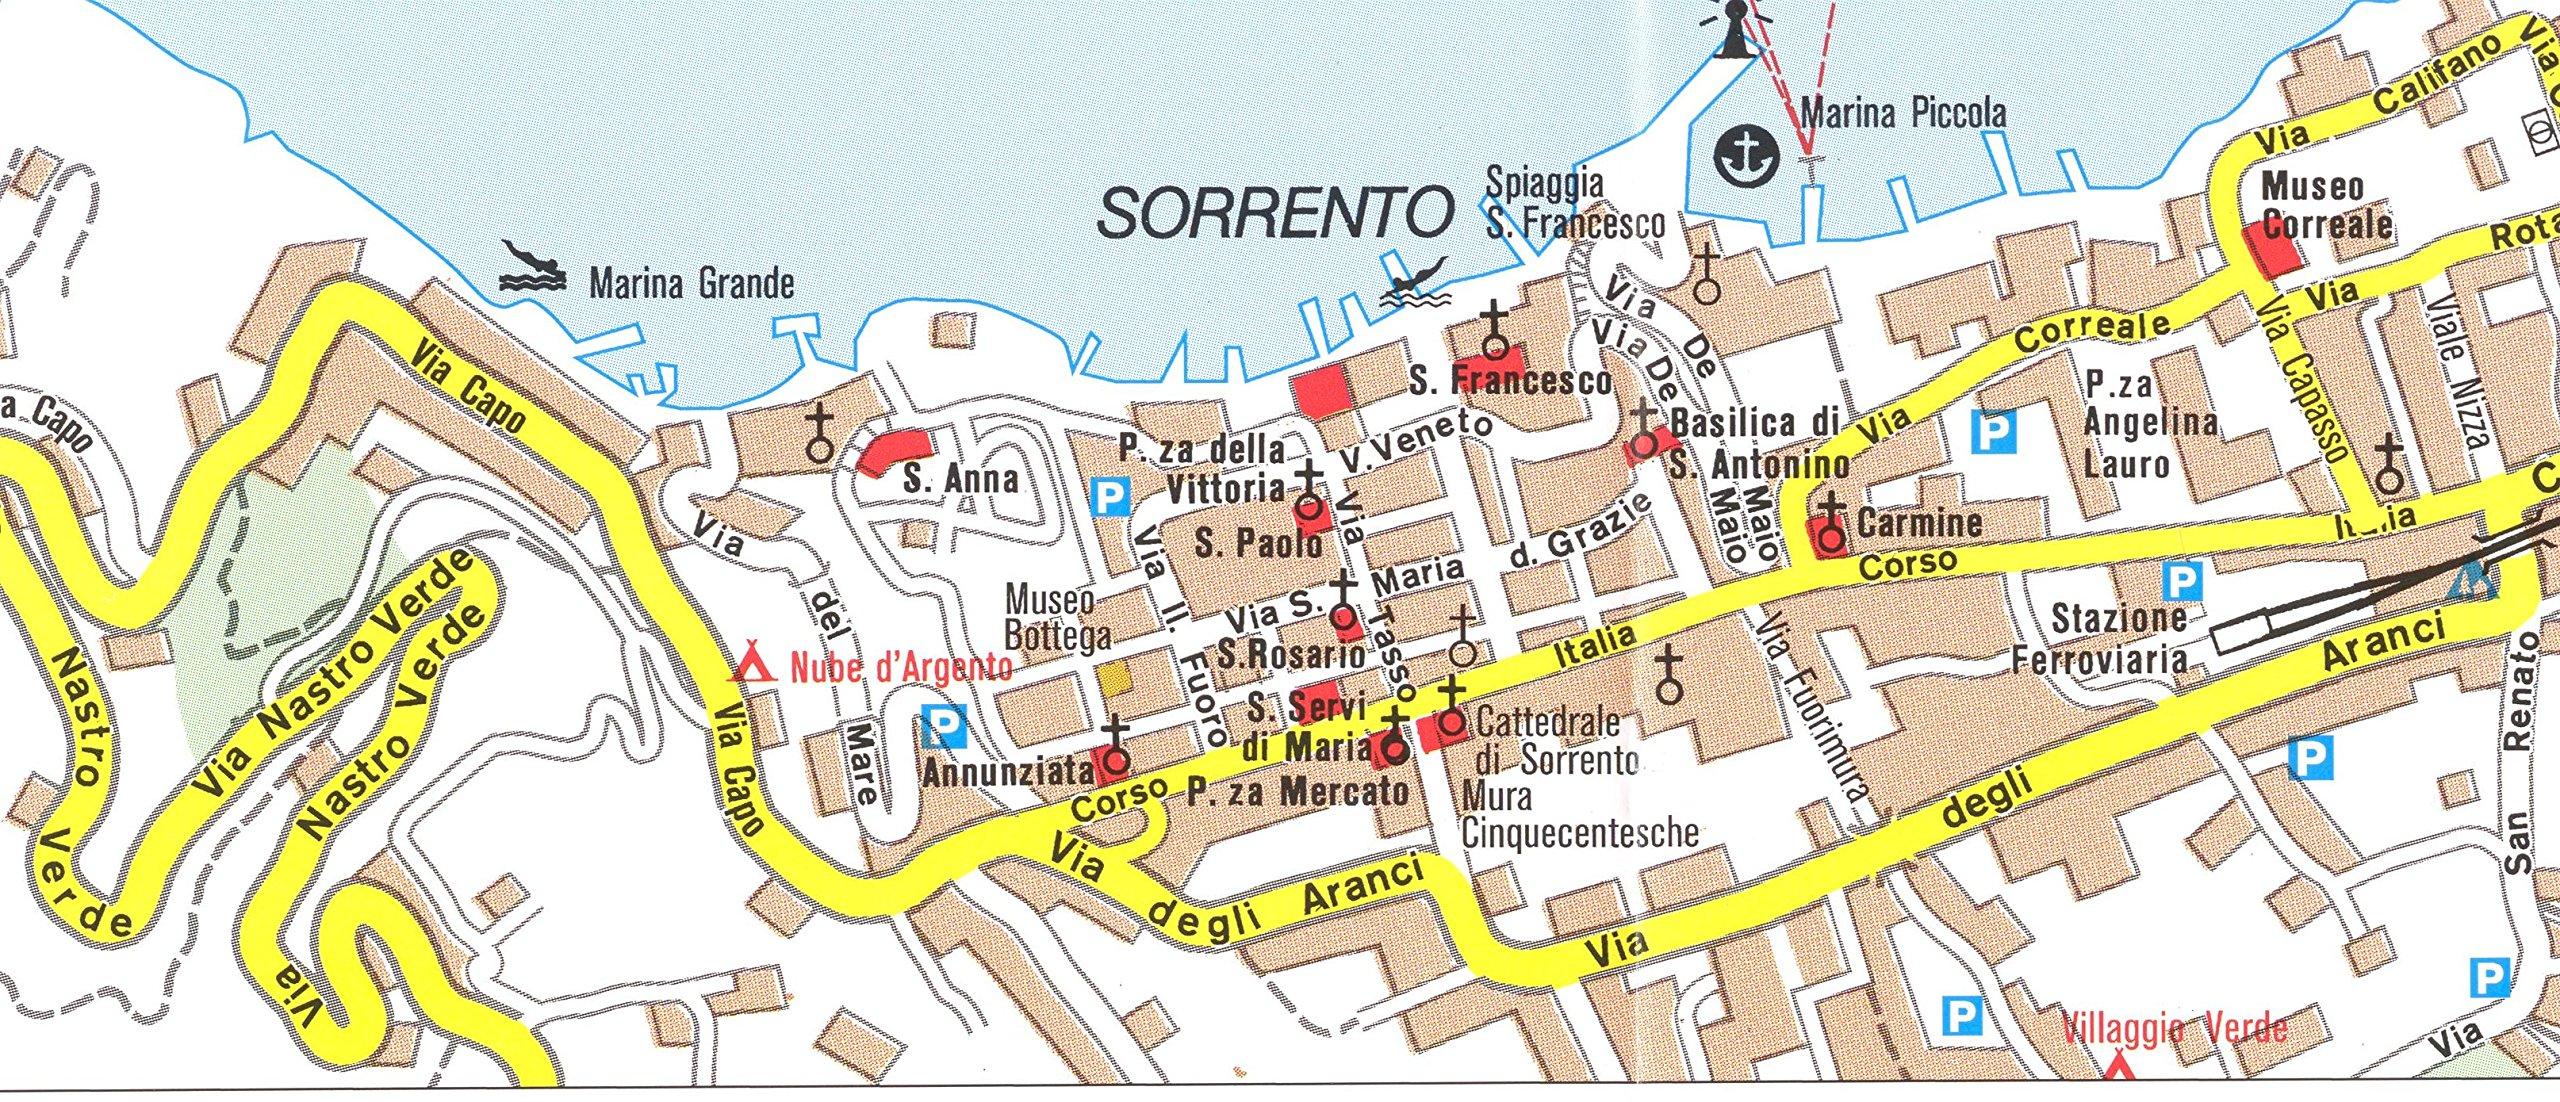 Amalfi Coast Sorrento Peninsula Italy 1 50 000 Hiking